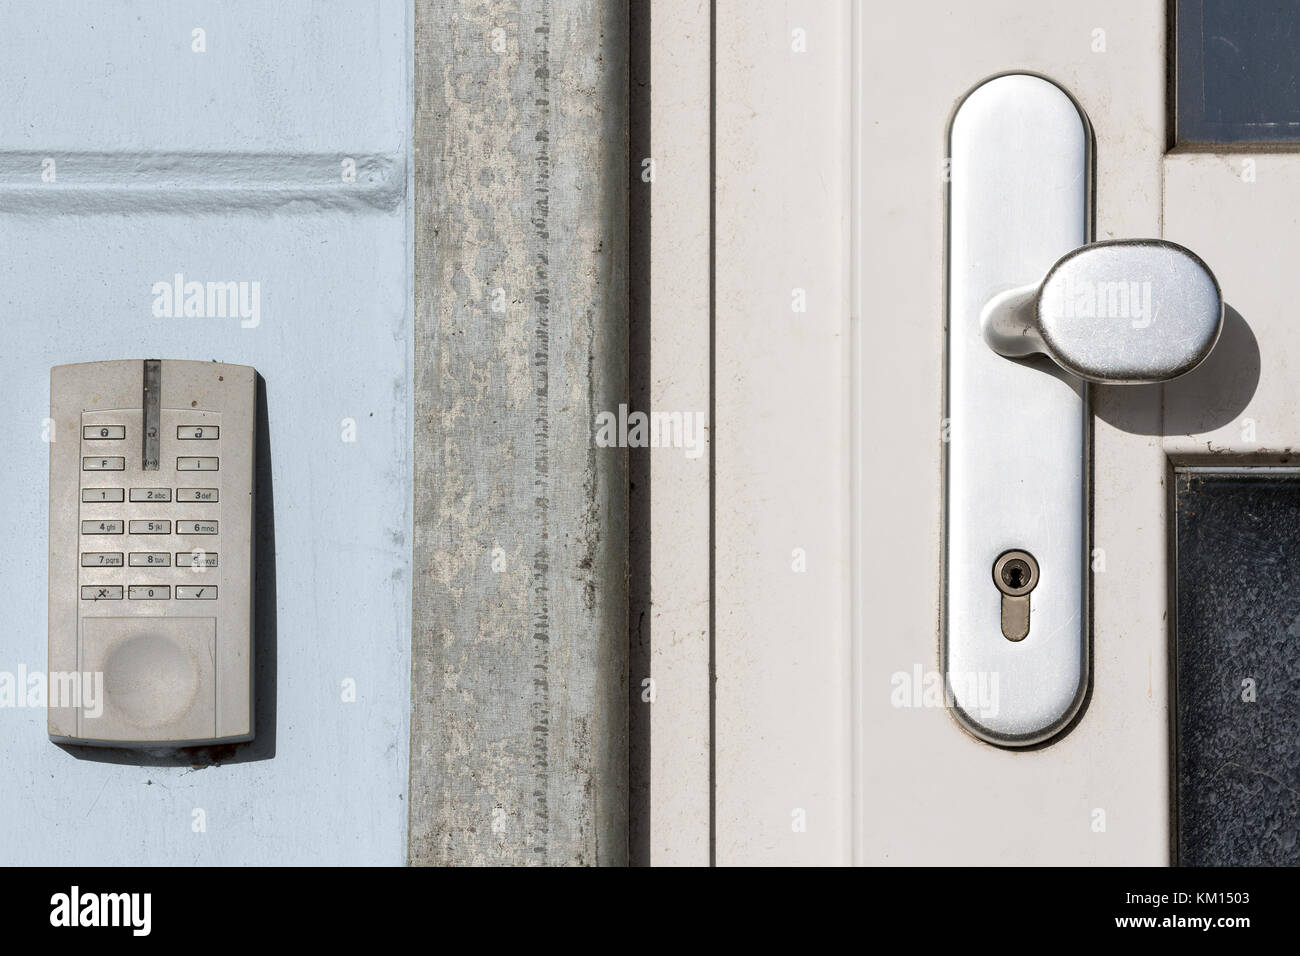 Access Control Door Entry Stock Photos Access Control